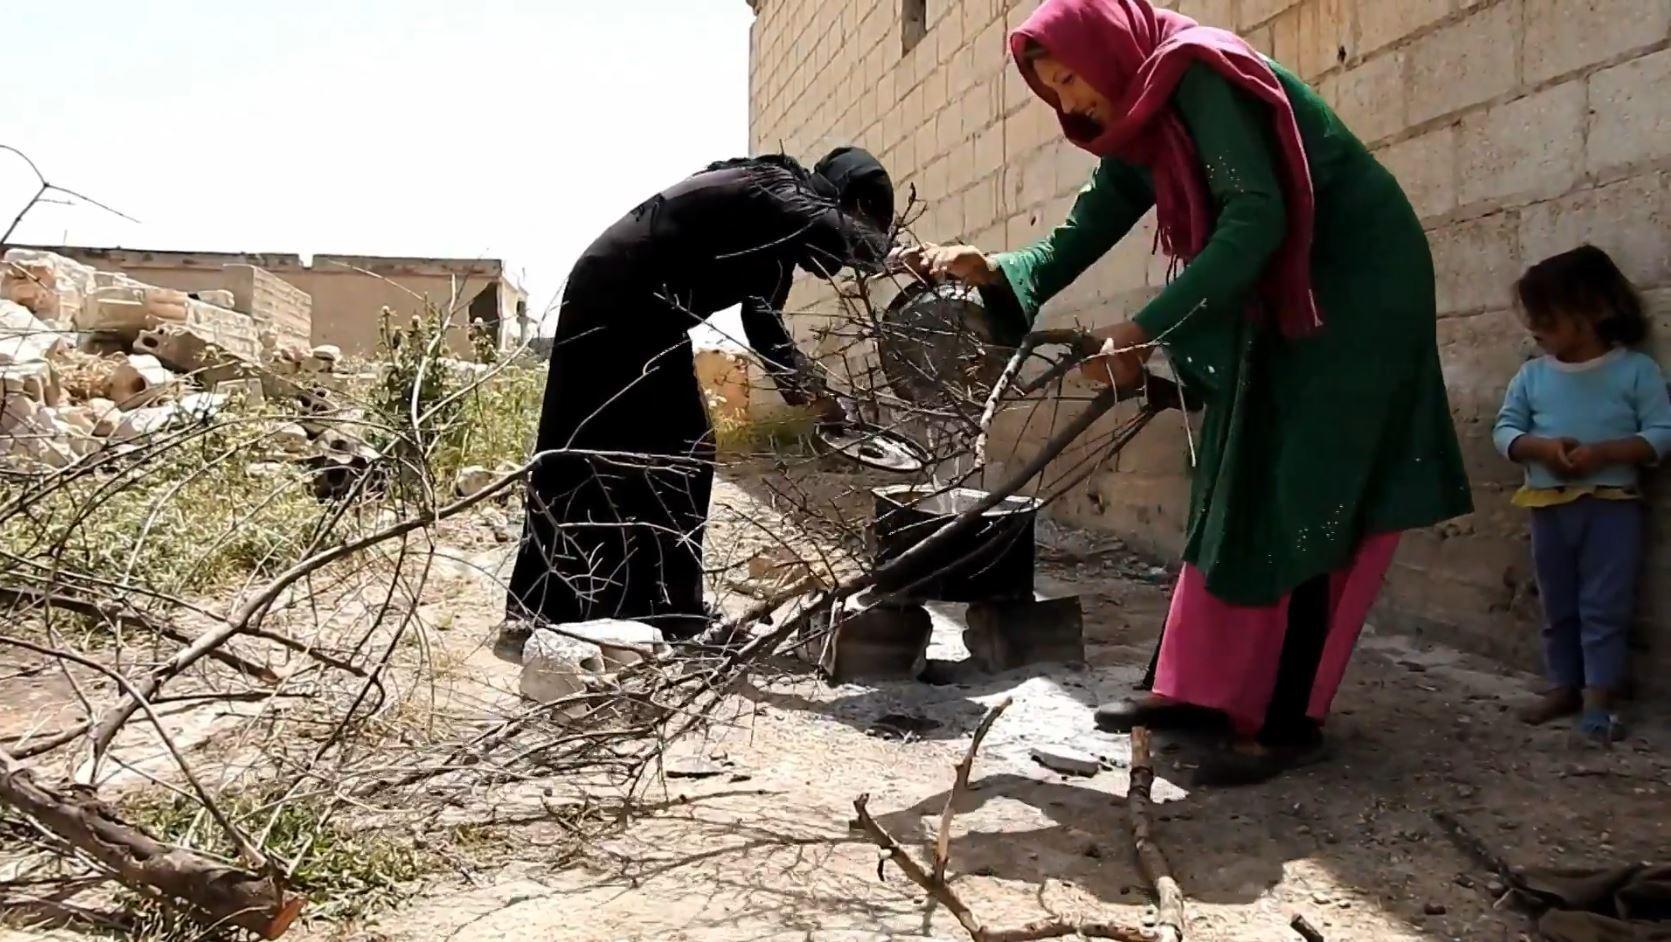 سكان قرية سورية يعودون بعد 5 سنوات من النزوح!